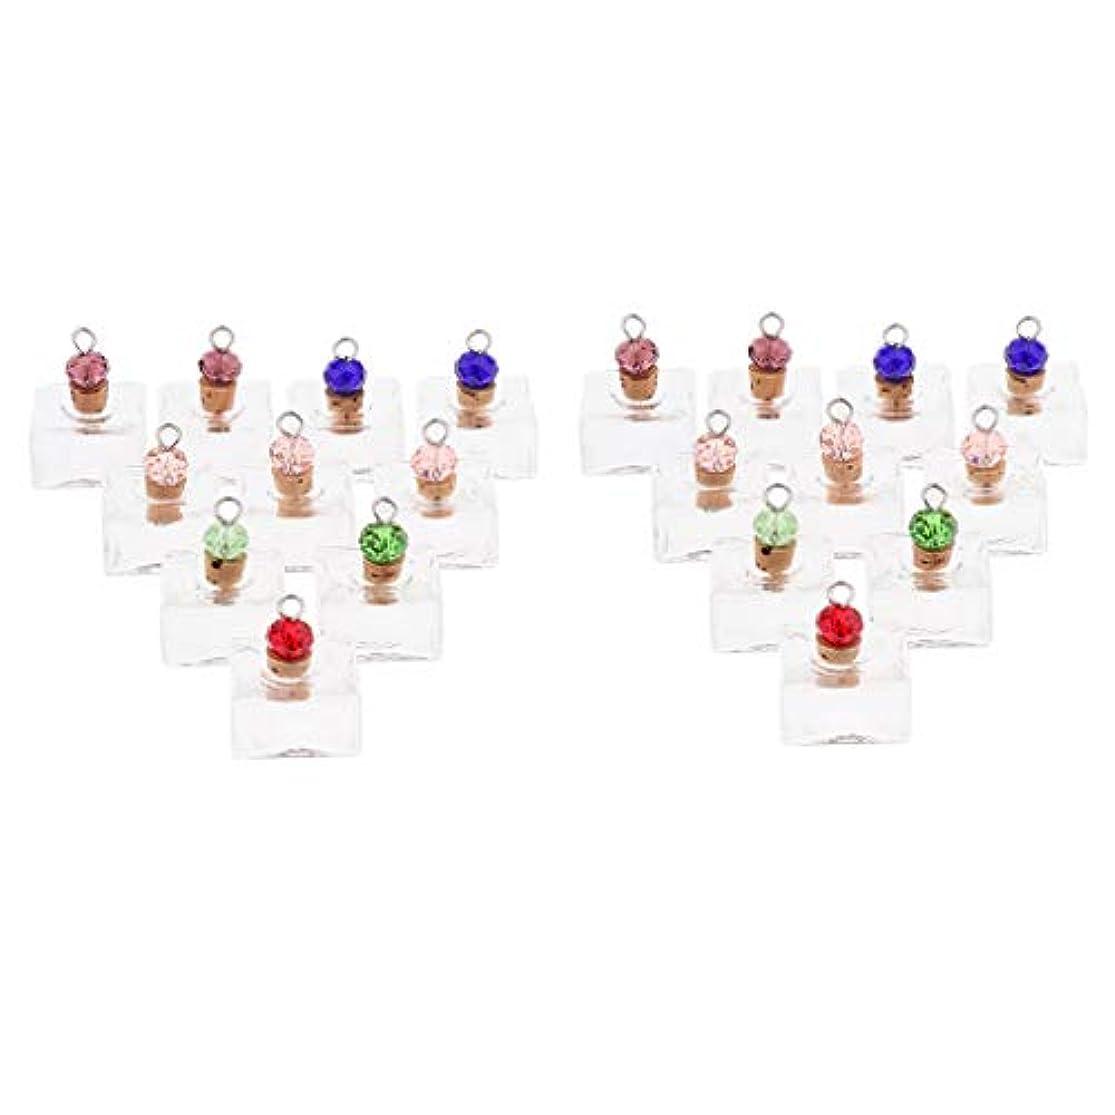 ストレスの多い相談話す香水 ペンダント ネックレス アロマ ガラス容器 香水瓶 ボトル エッセンシャルオイル